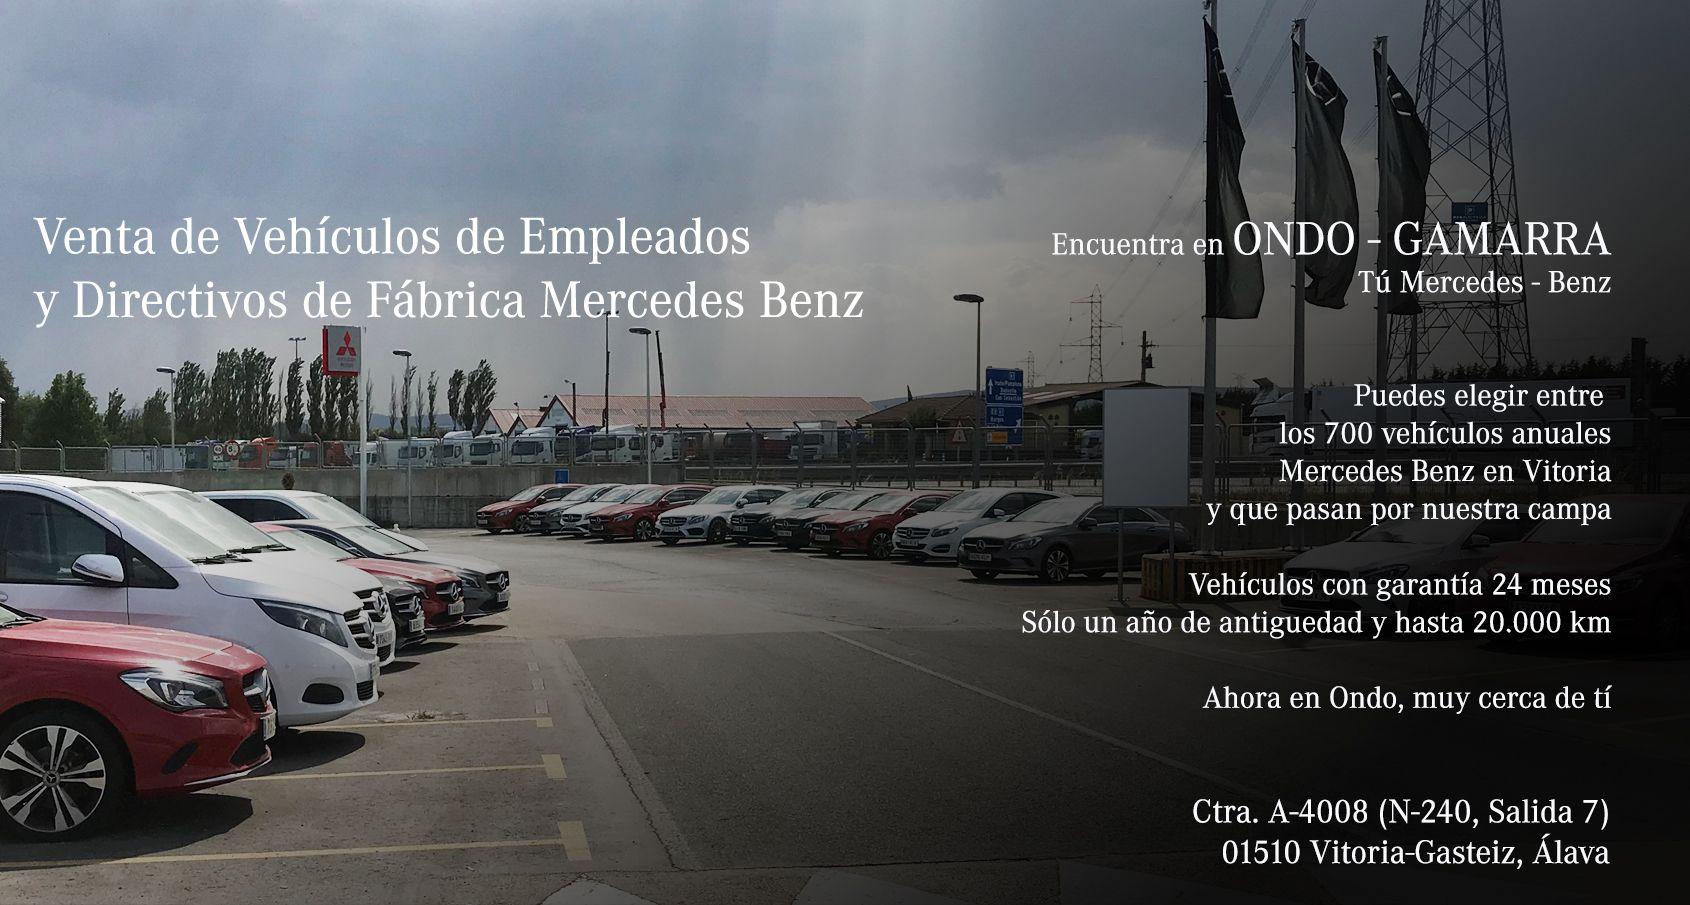 Vehículos Empleados Fábrica Mercedes Benz